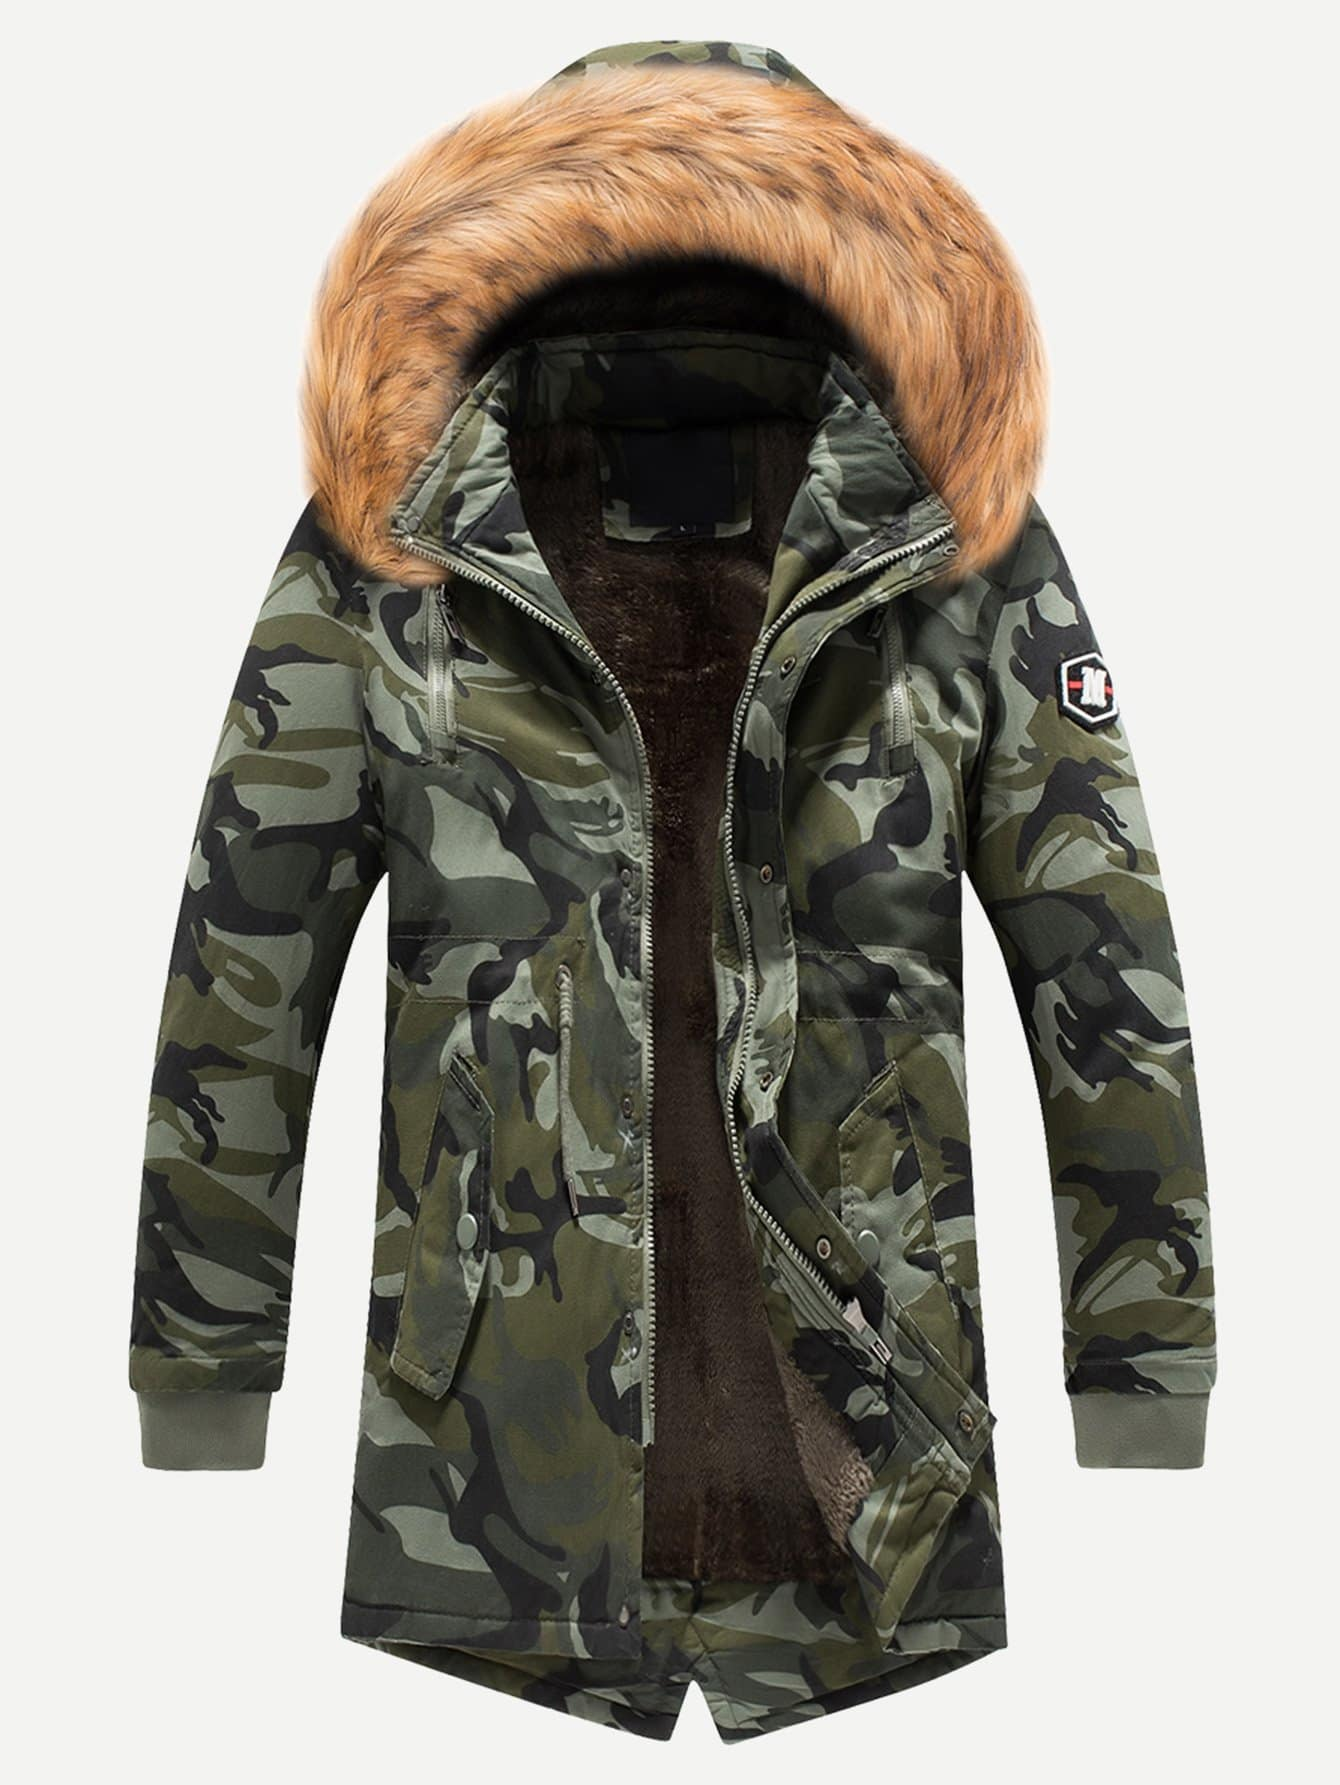 Купить Камуфляж с карманами Цвета хаки Мужские пальто и куртки, null, SheIn